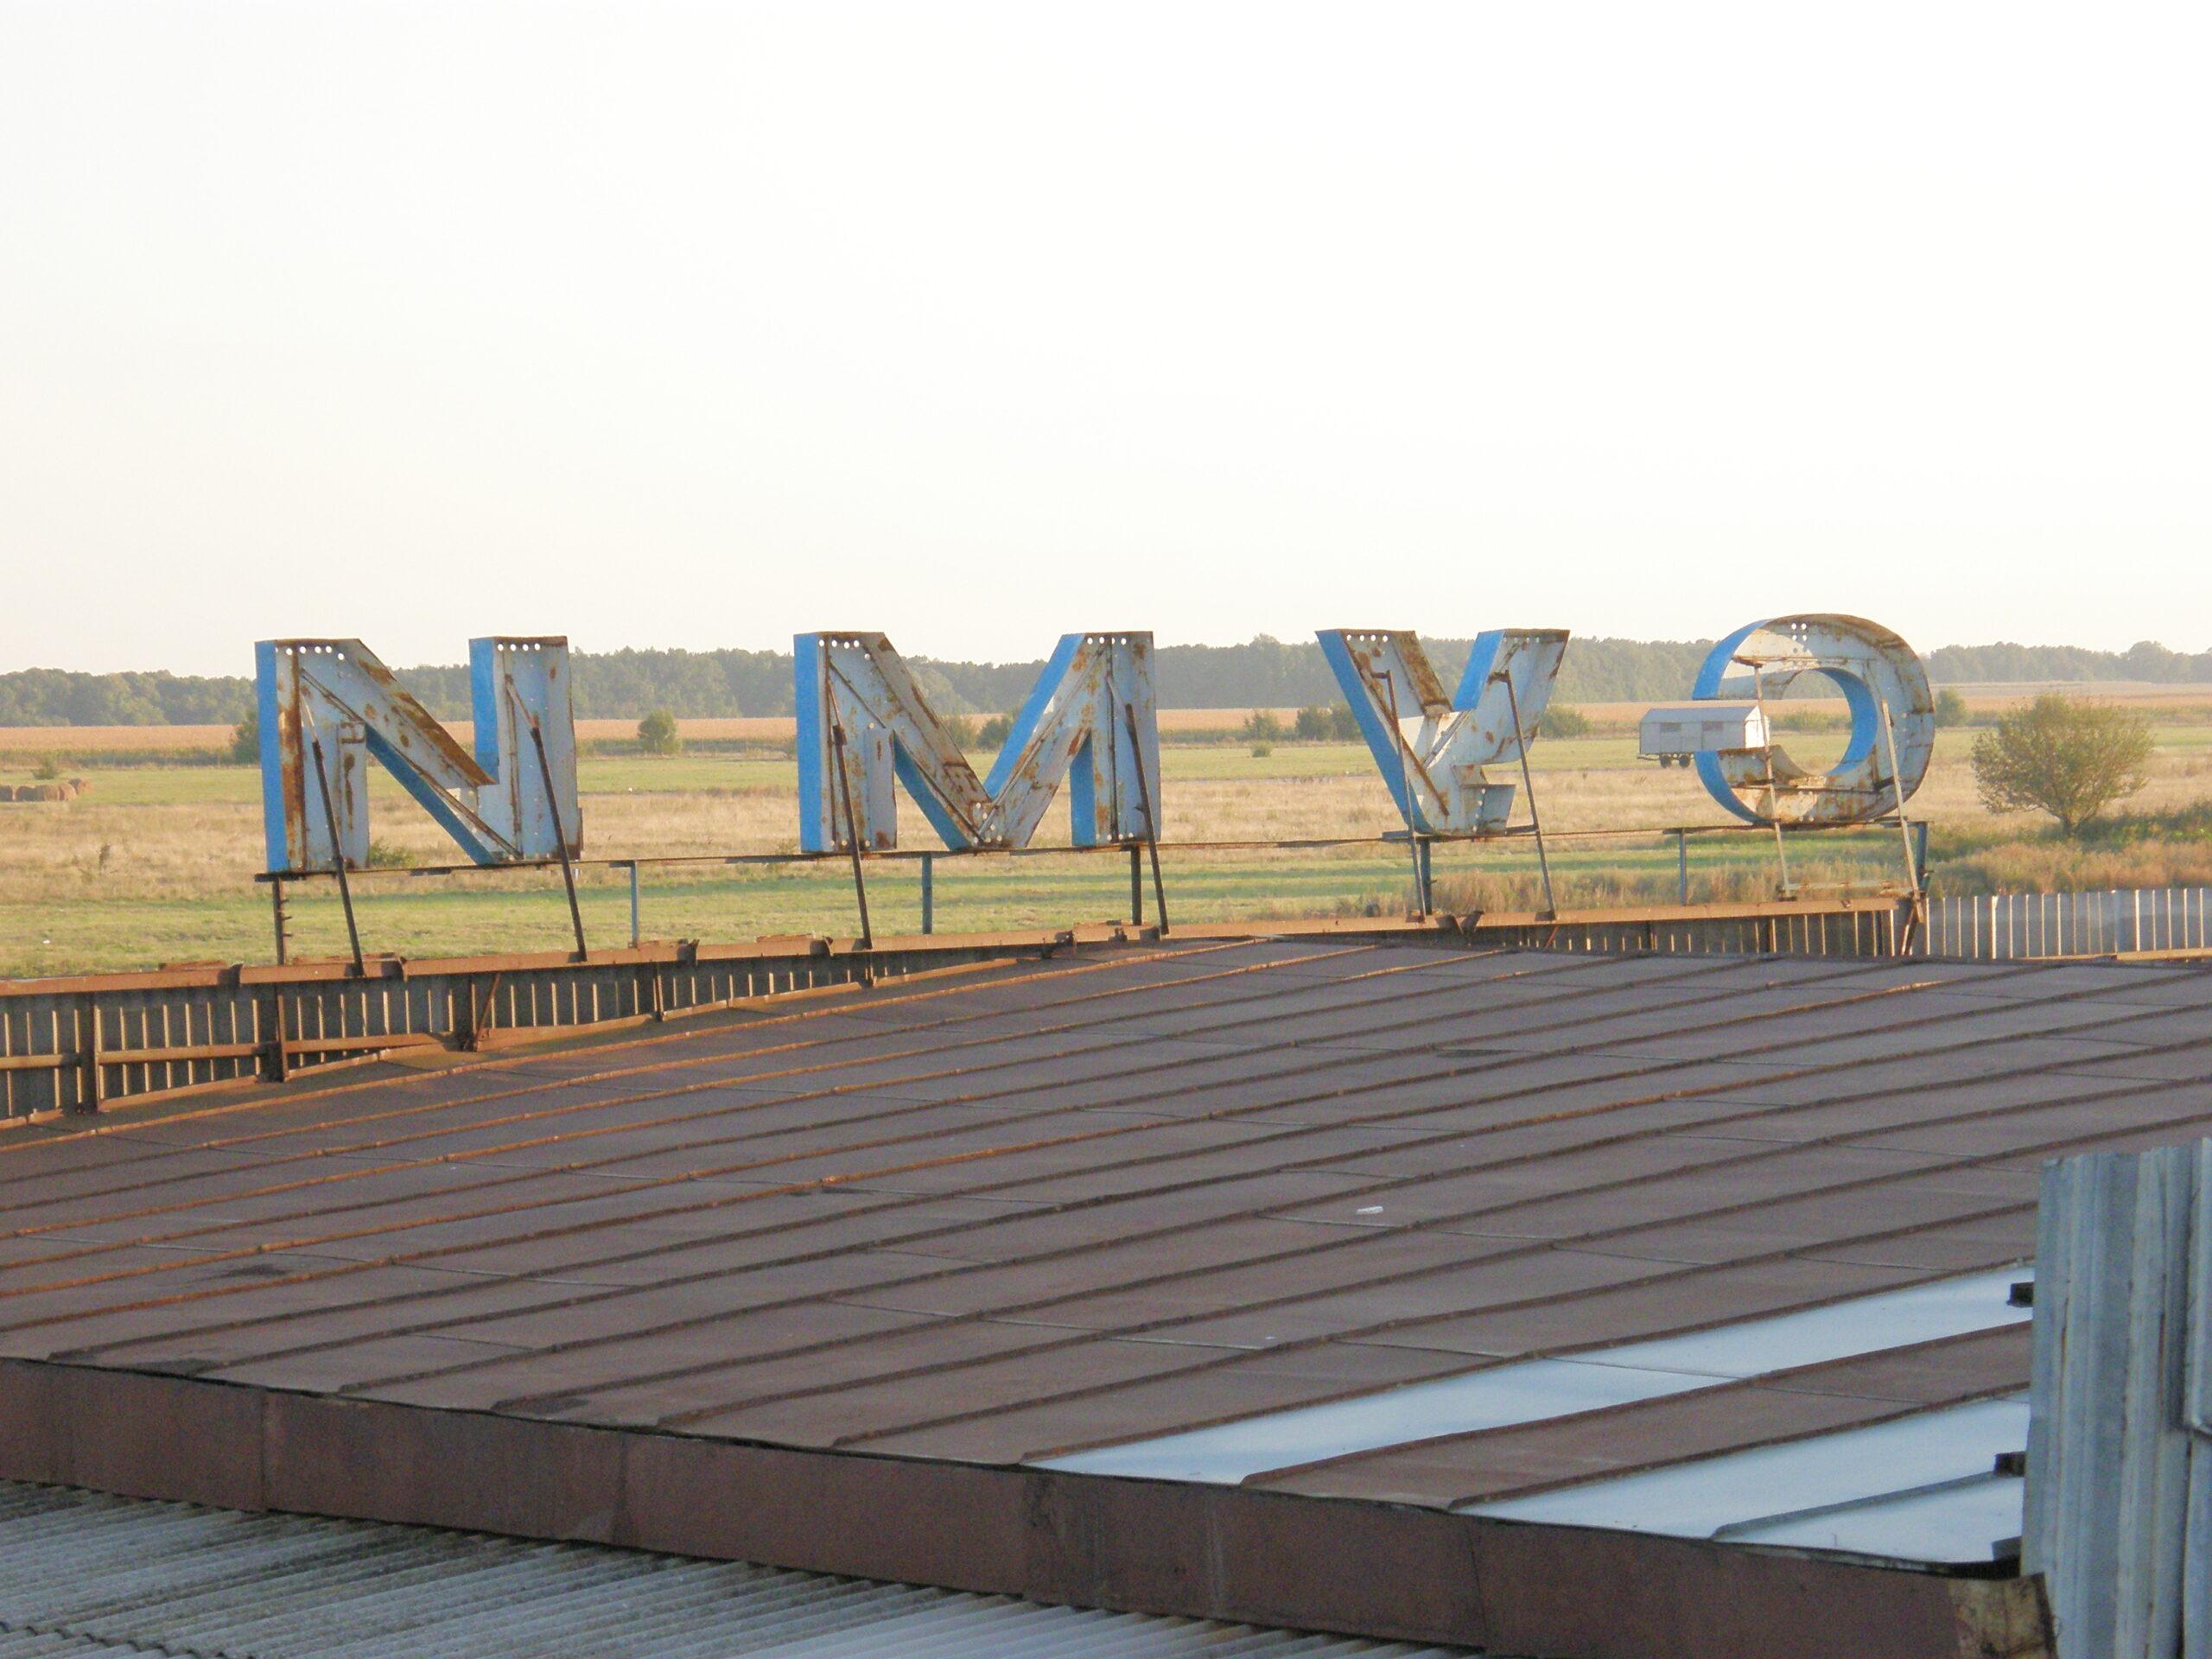 Знак «Суми» зі вікна терміналу. Фото: lilyandcat.com